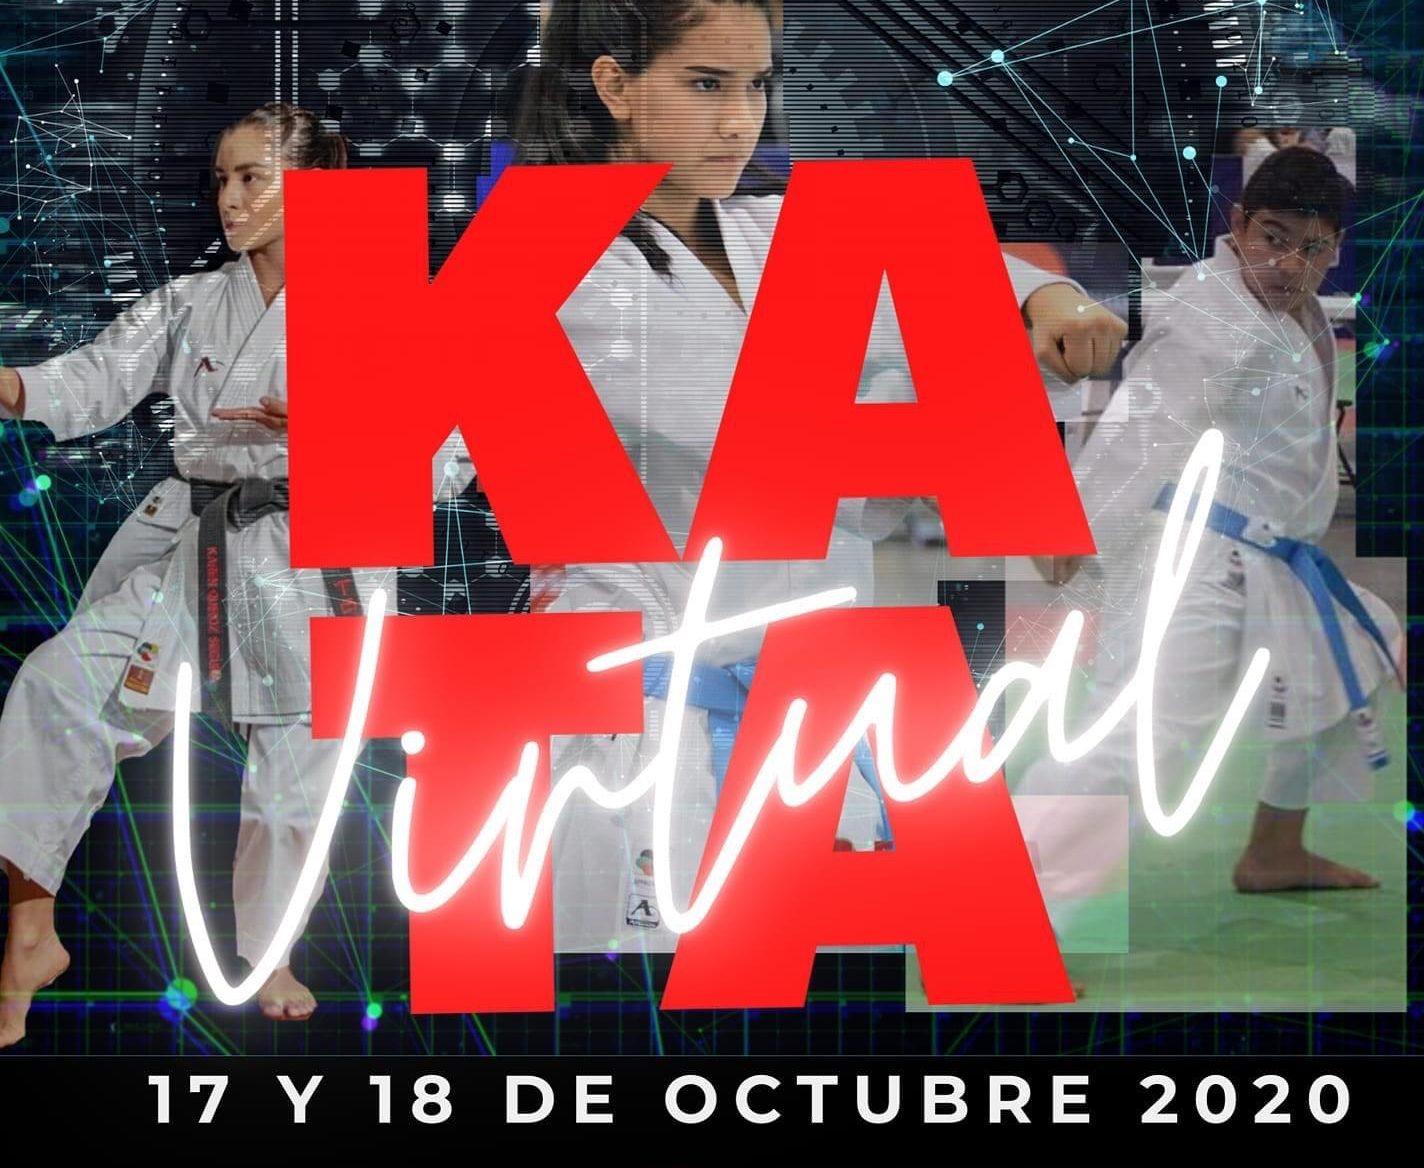 Asociación Estatal de Karate convoca a Torneo Virtual de Katas